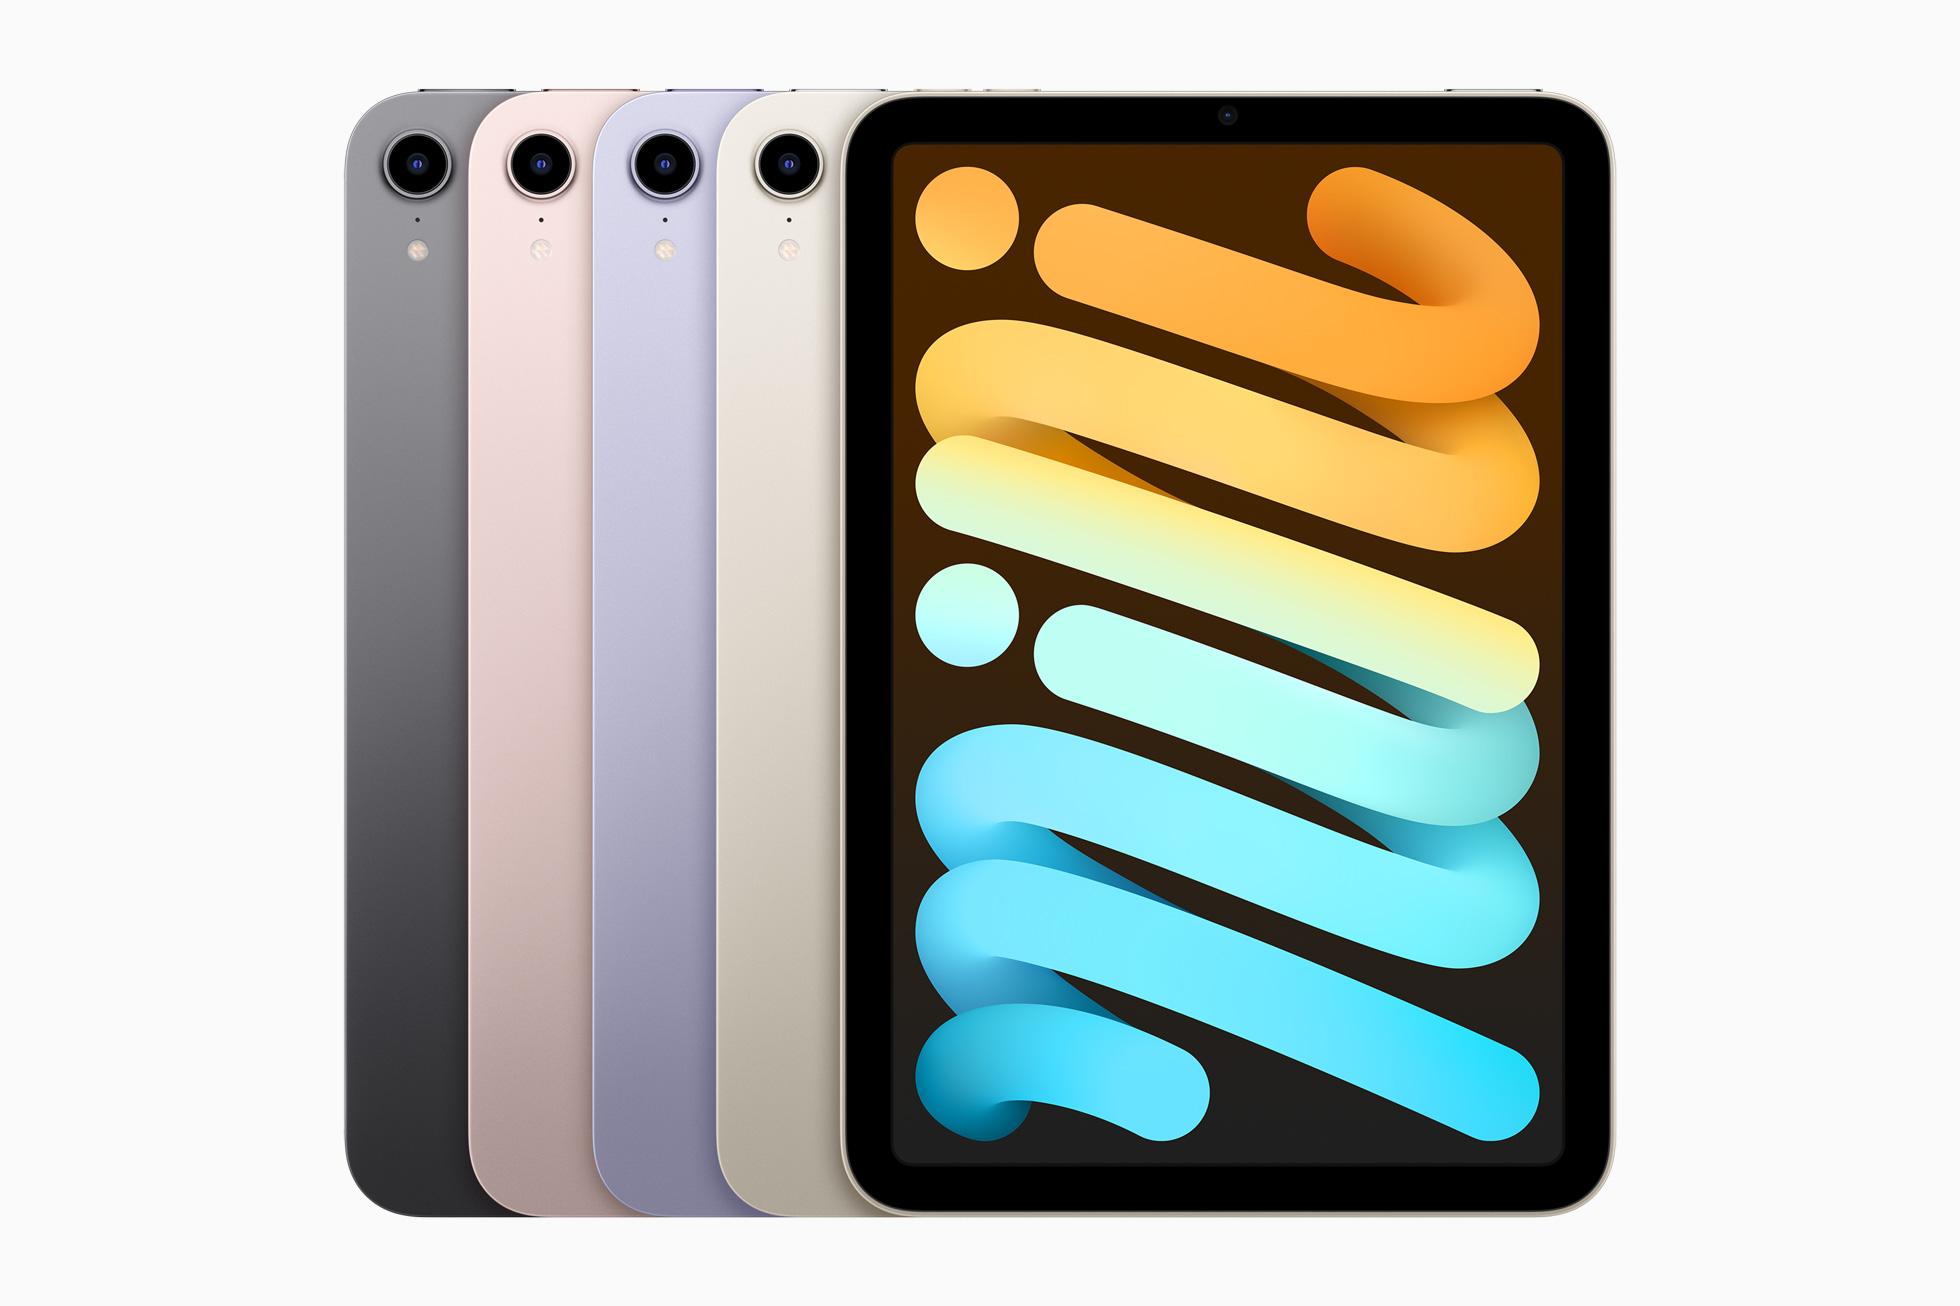 iPad mini wallpaper